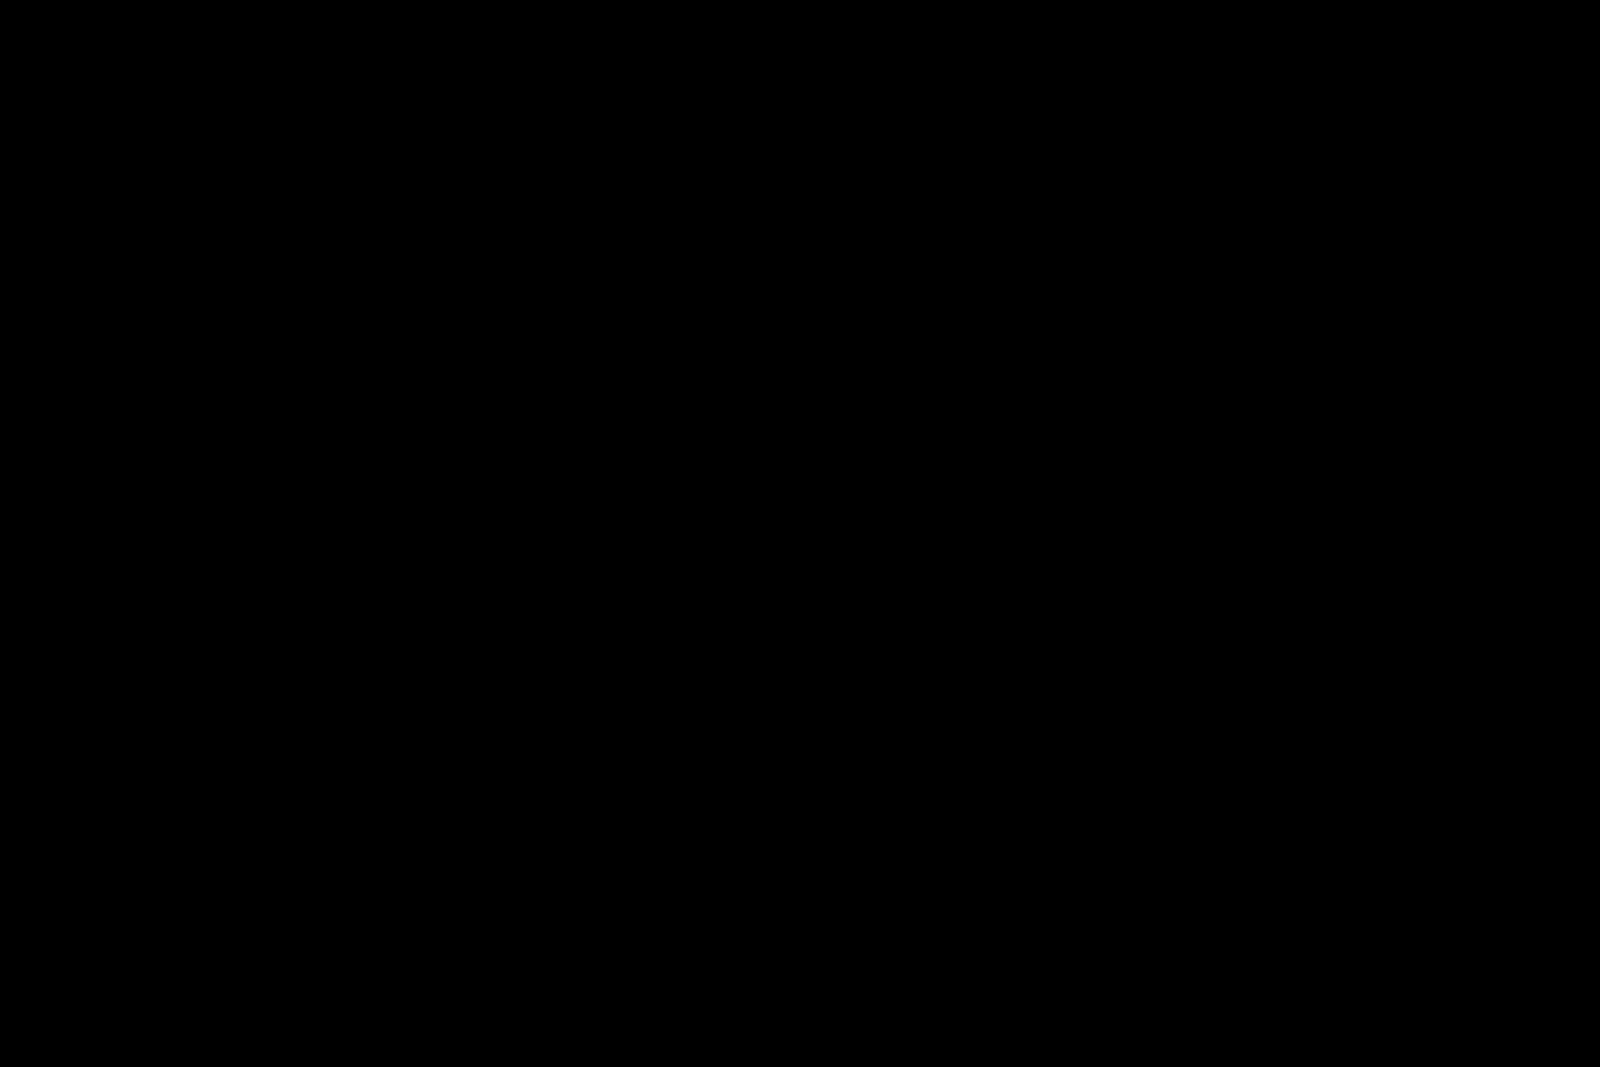 Diegosax: Forrest Gump De Alan Silvestri Partitura Para